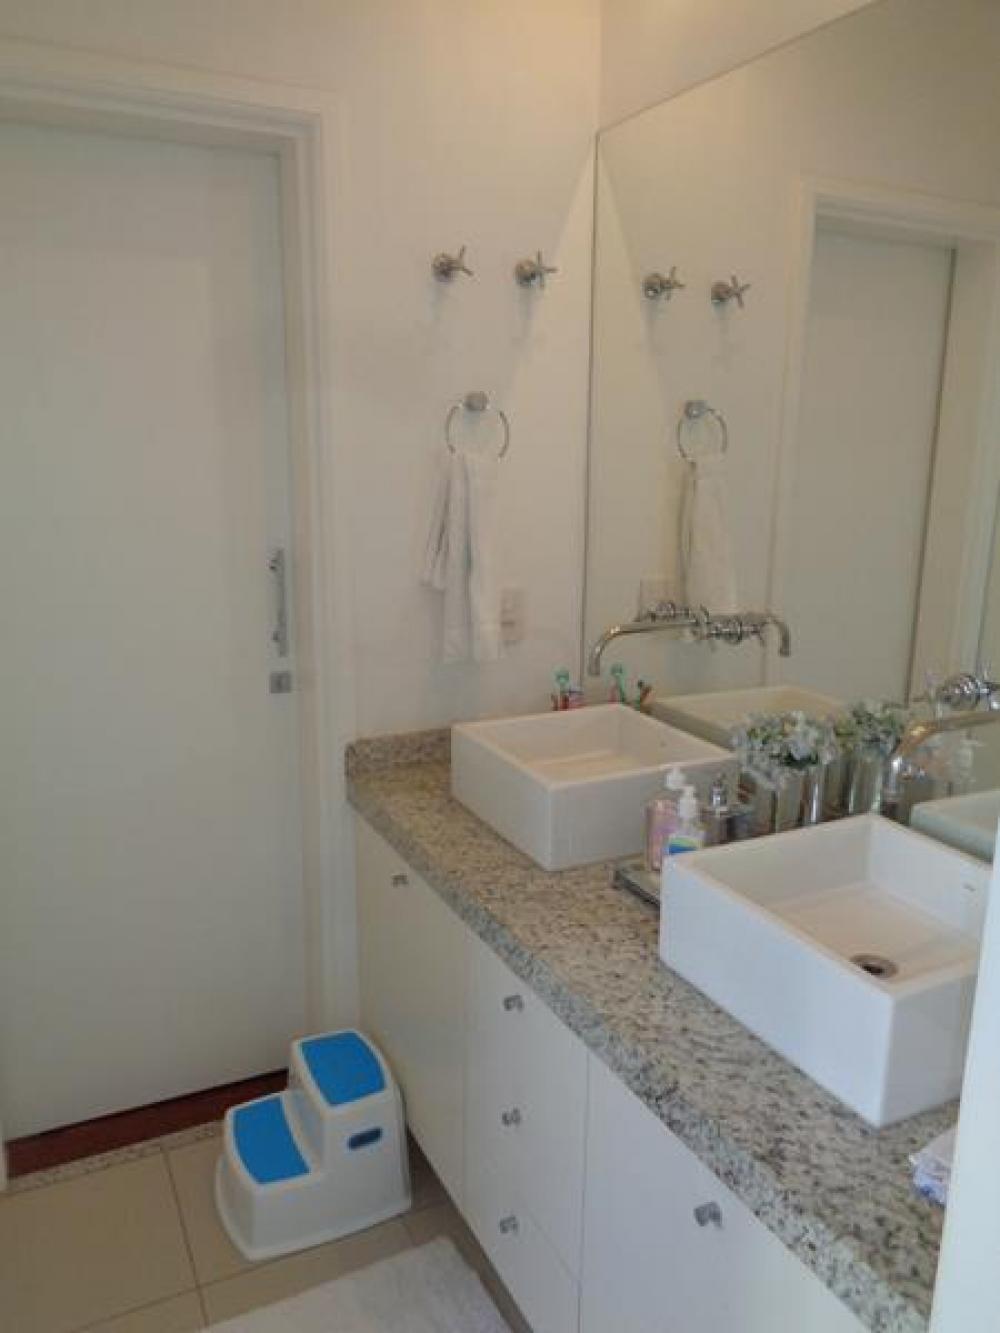 Comprar Apartamento / Padrão em São José do Rio Preto apenas R$ 1.100.000,00 - Foto 7